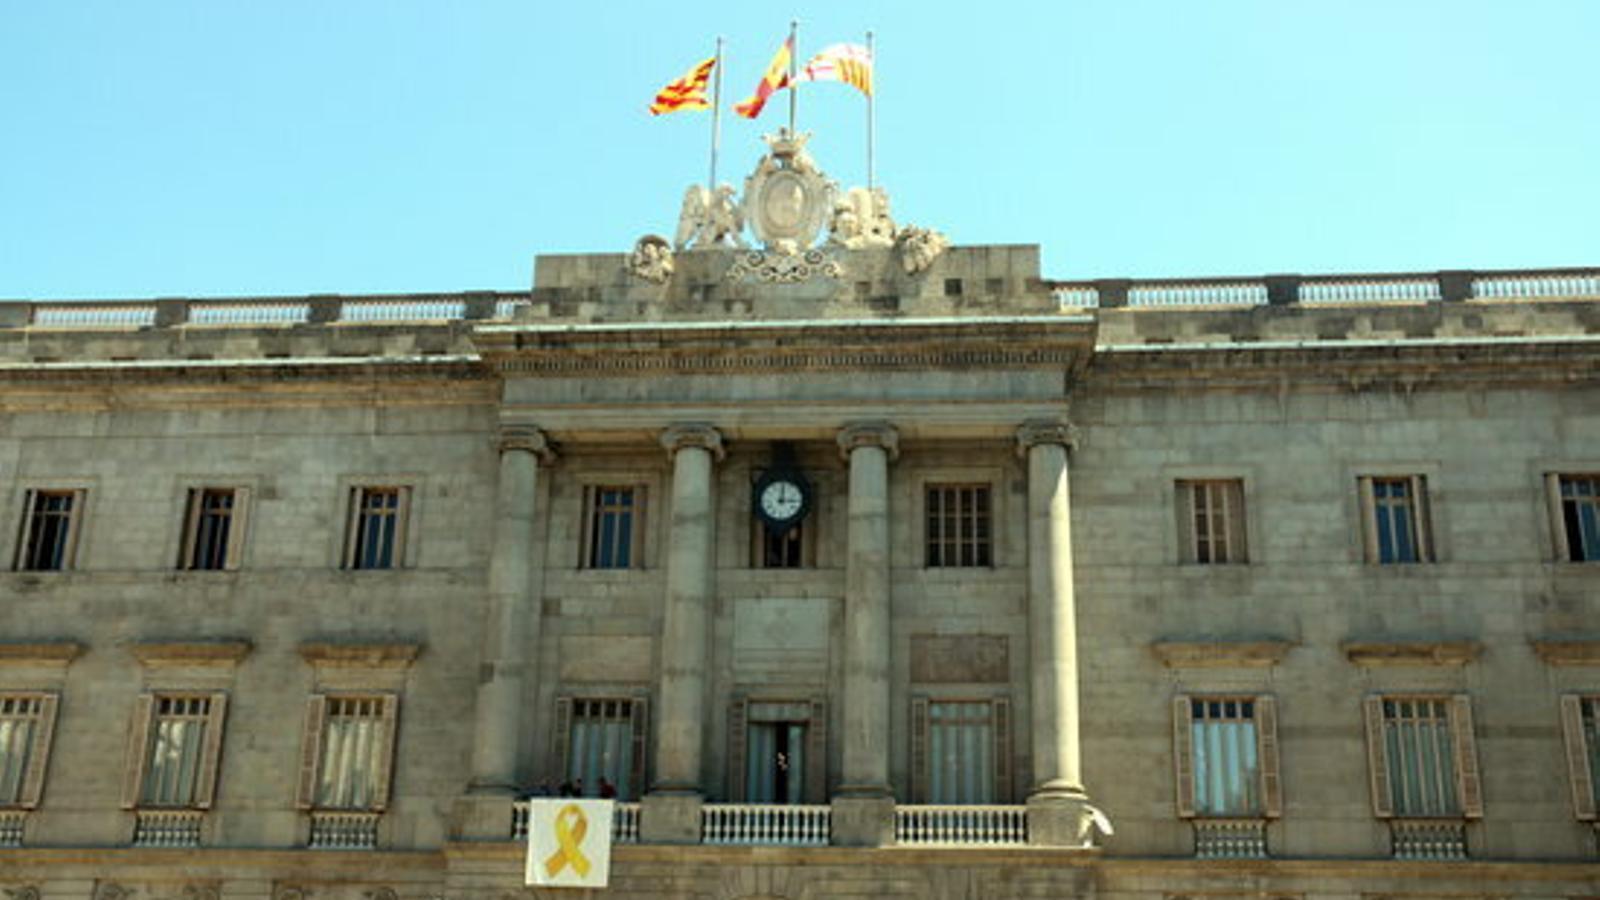 Operaris de l'Ajuntament de Barcelona col·loquen el llaç groc després de la decisió presa a la primera reunió de grups municipals